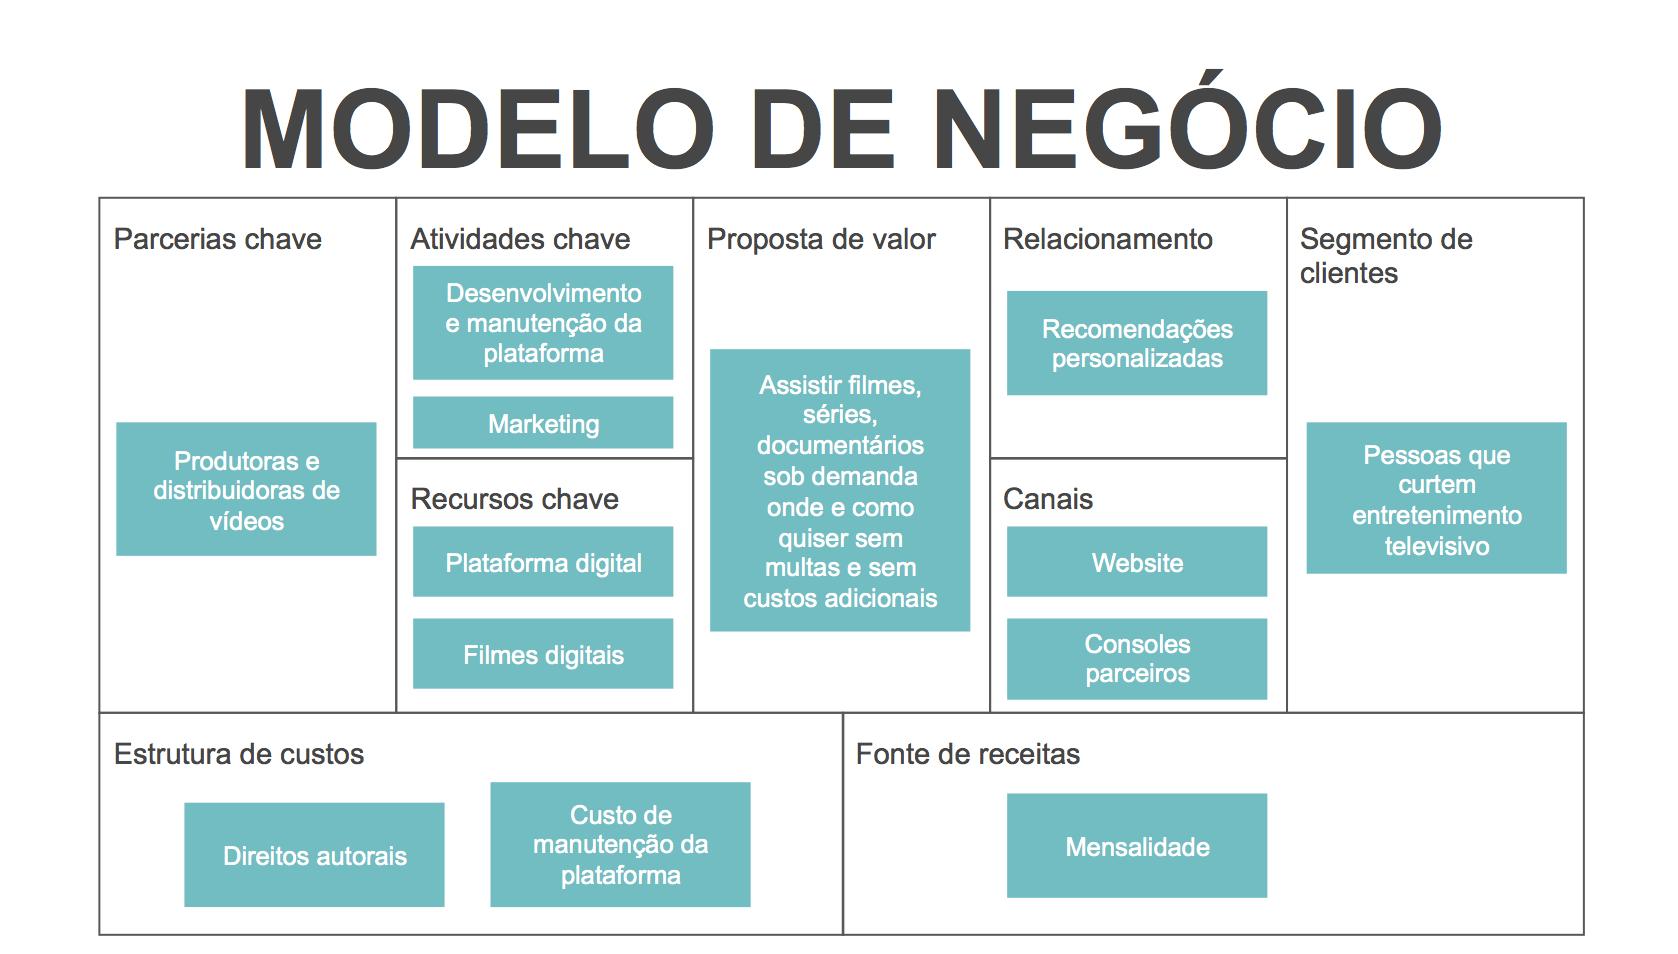 Plano de Negócios - Canvas de Modelo de Negócio